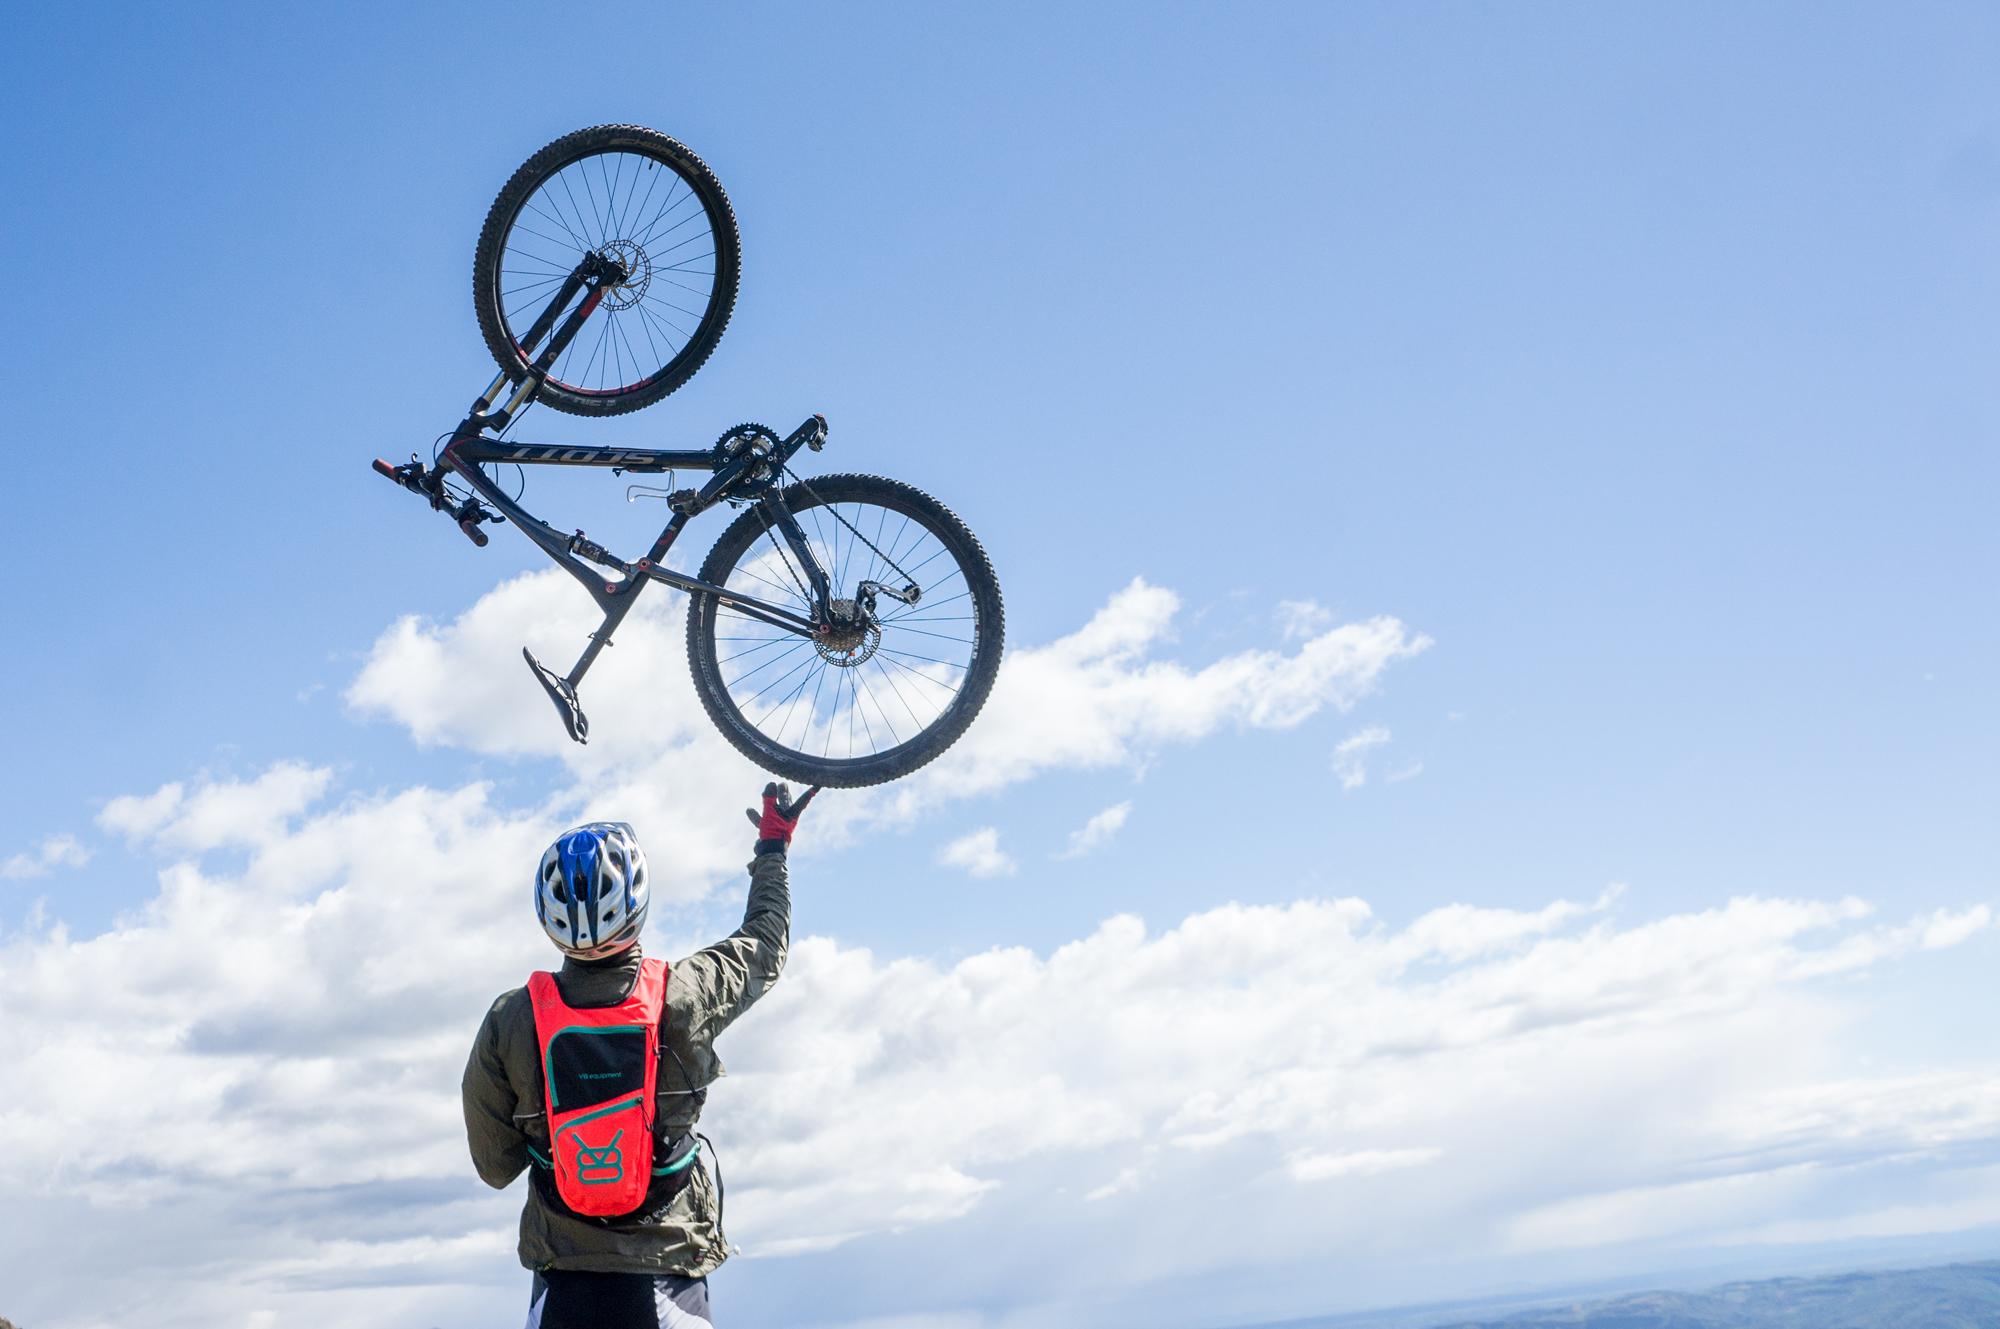 V8 equipment VTT Bike trip Digne les bains